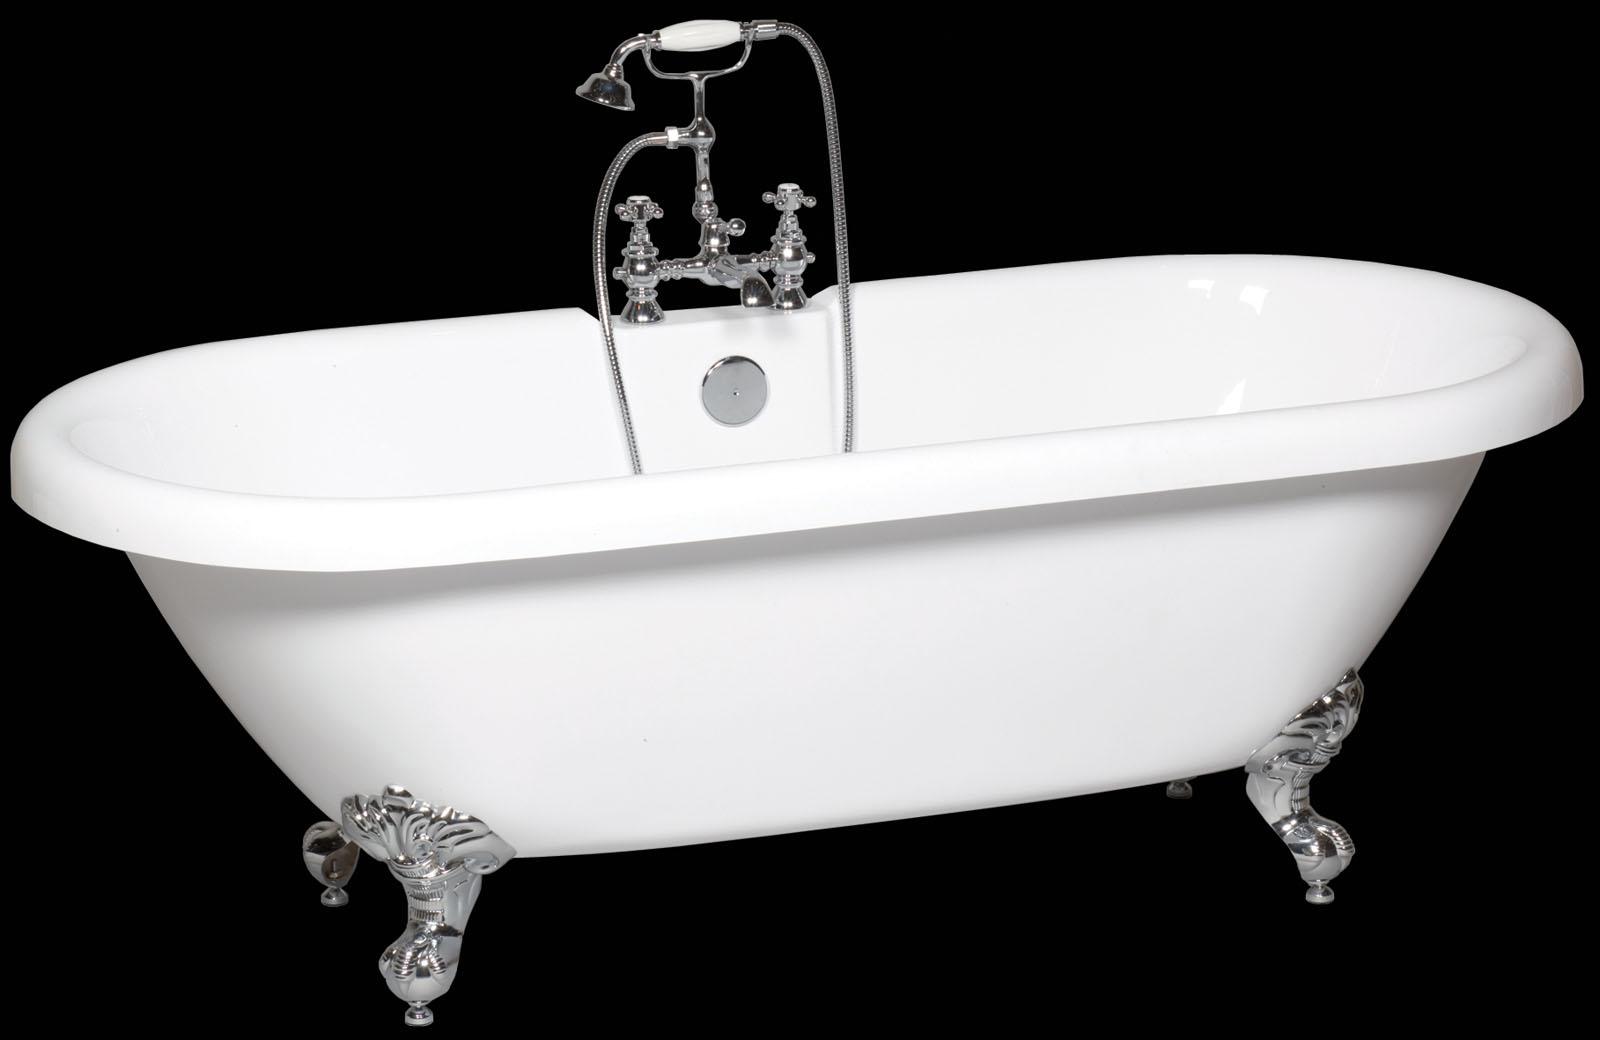 Vasche da bagno freestanding bba lo stile nel bagno - Vernici per vasche da bagno ...